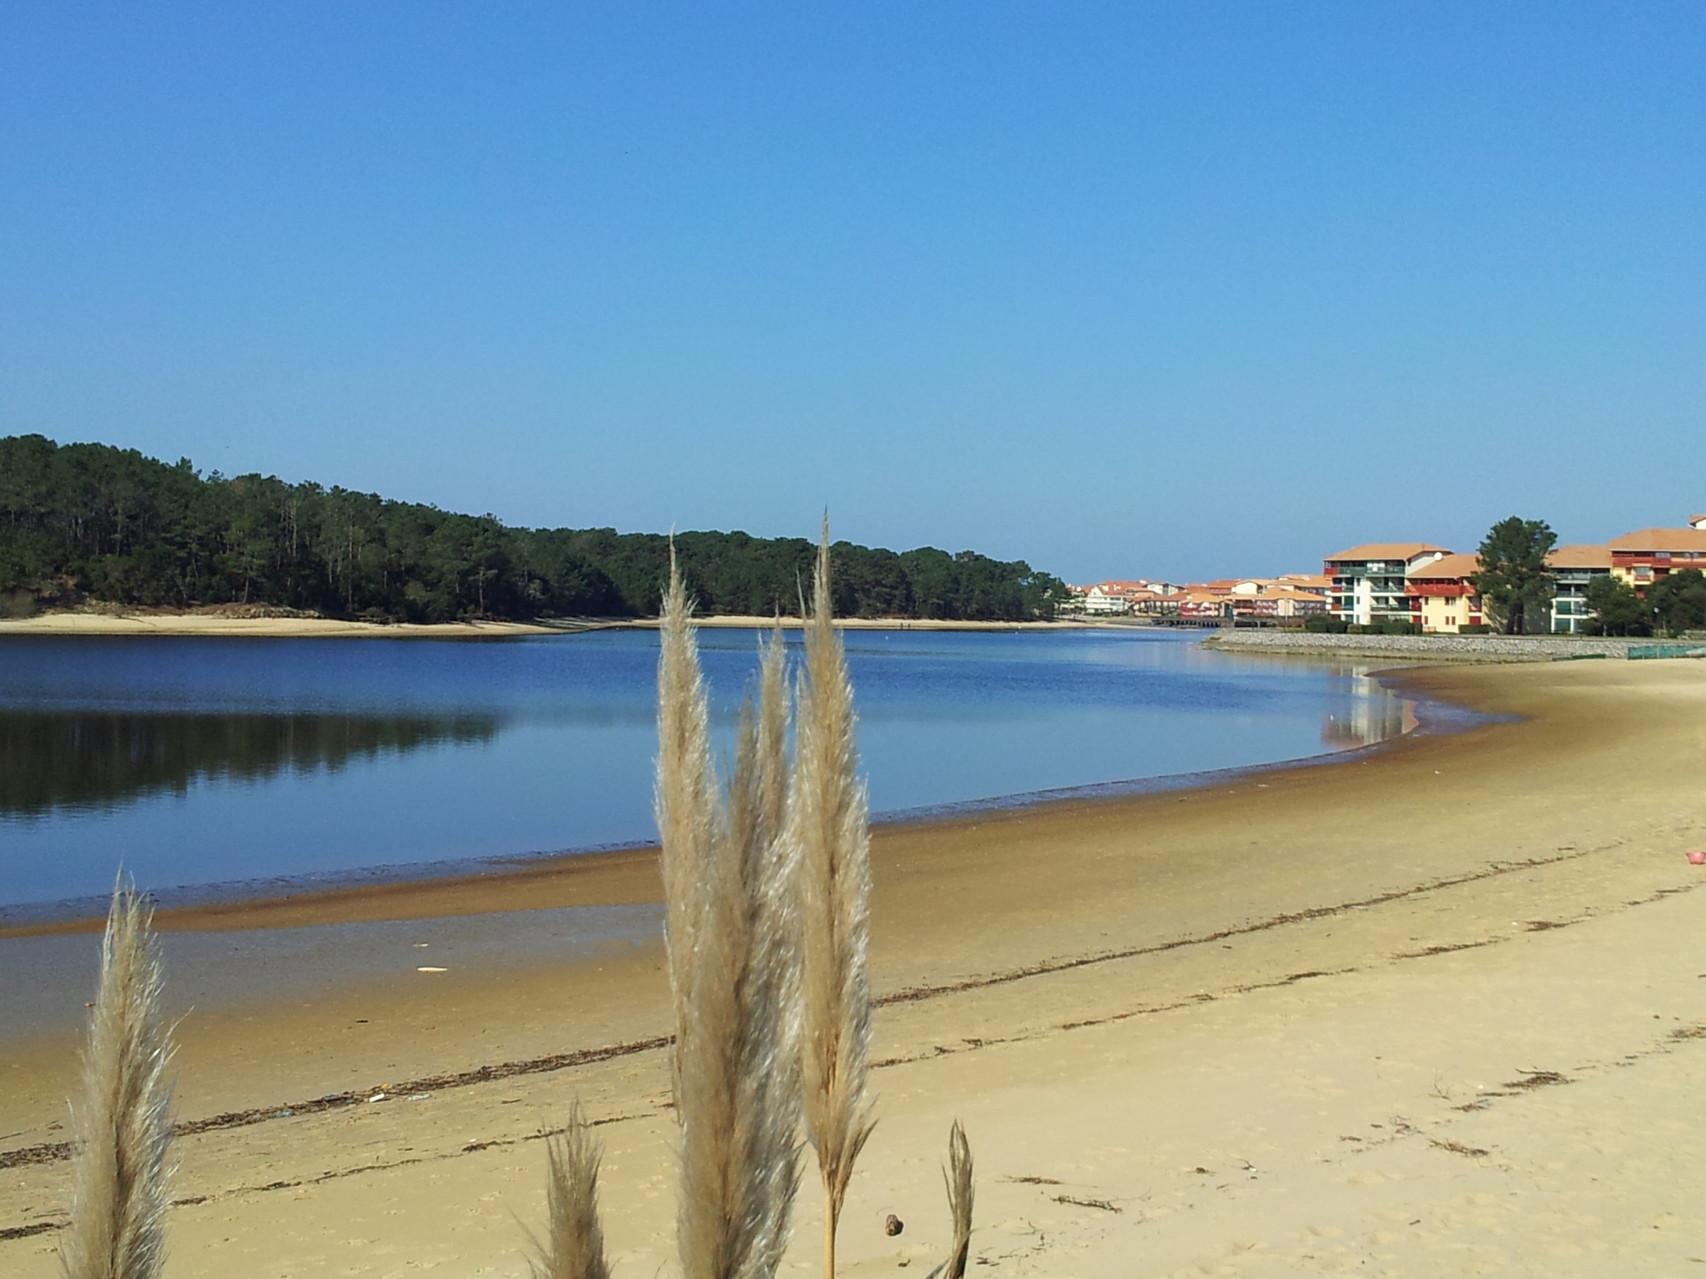 Promenade et piste cyclable au bord du lac location vacances WIFI